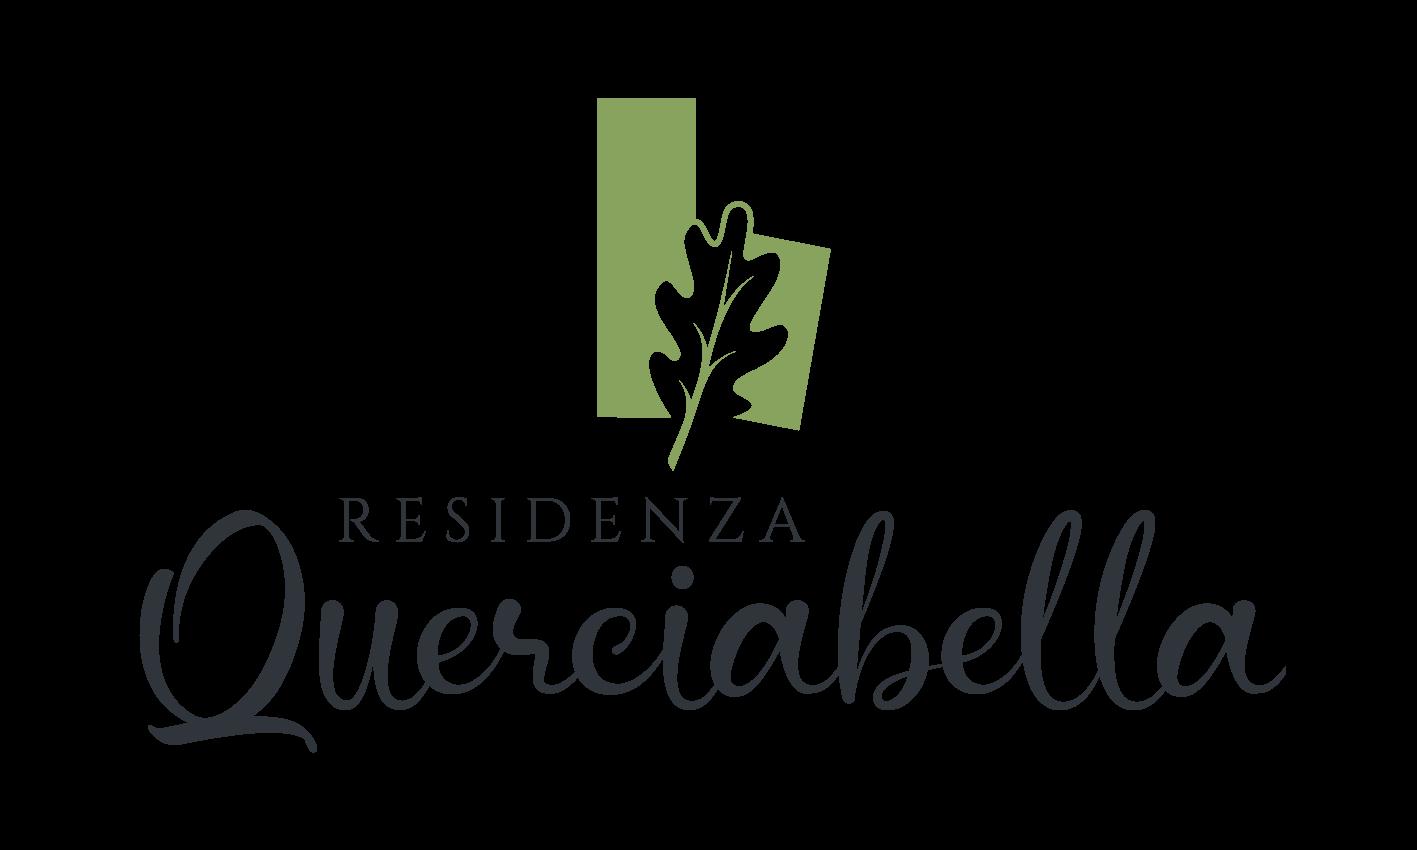 Residenza Querciabella